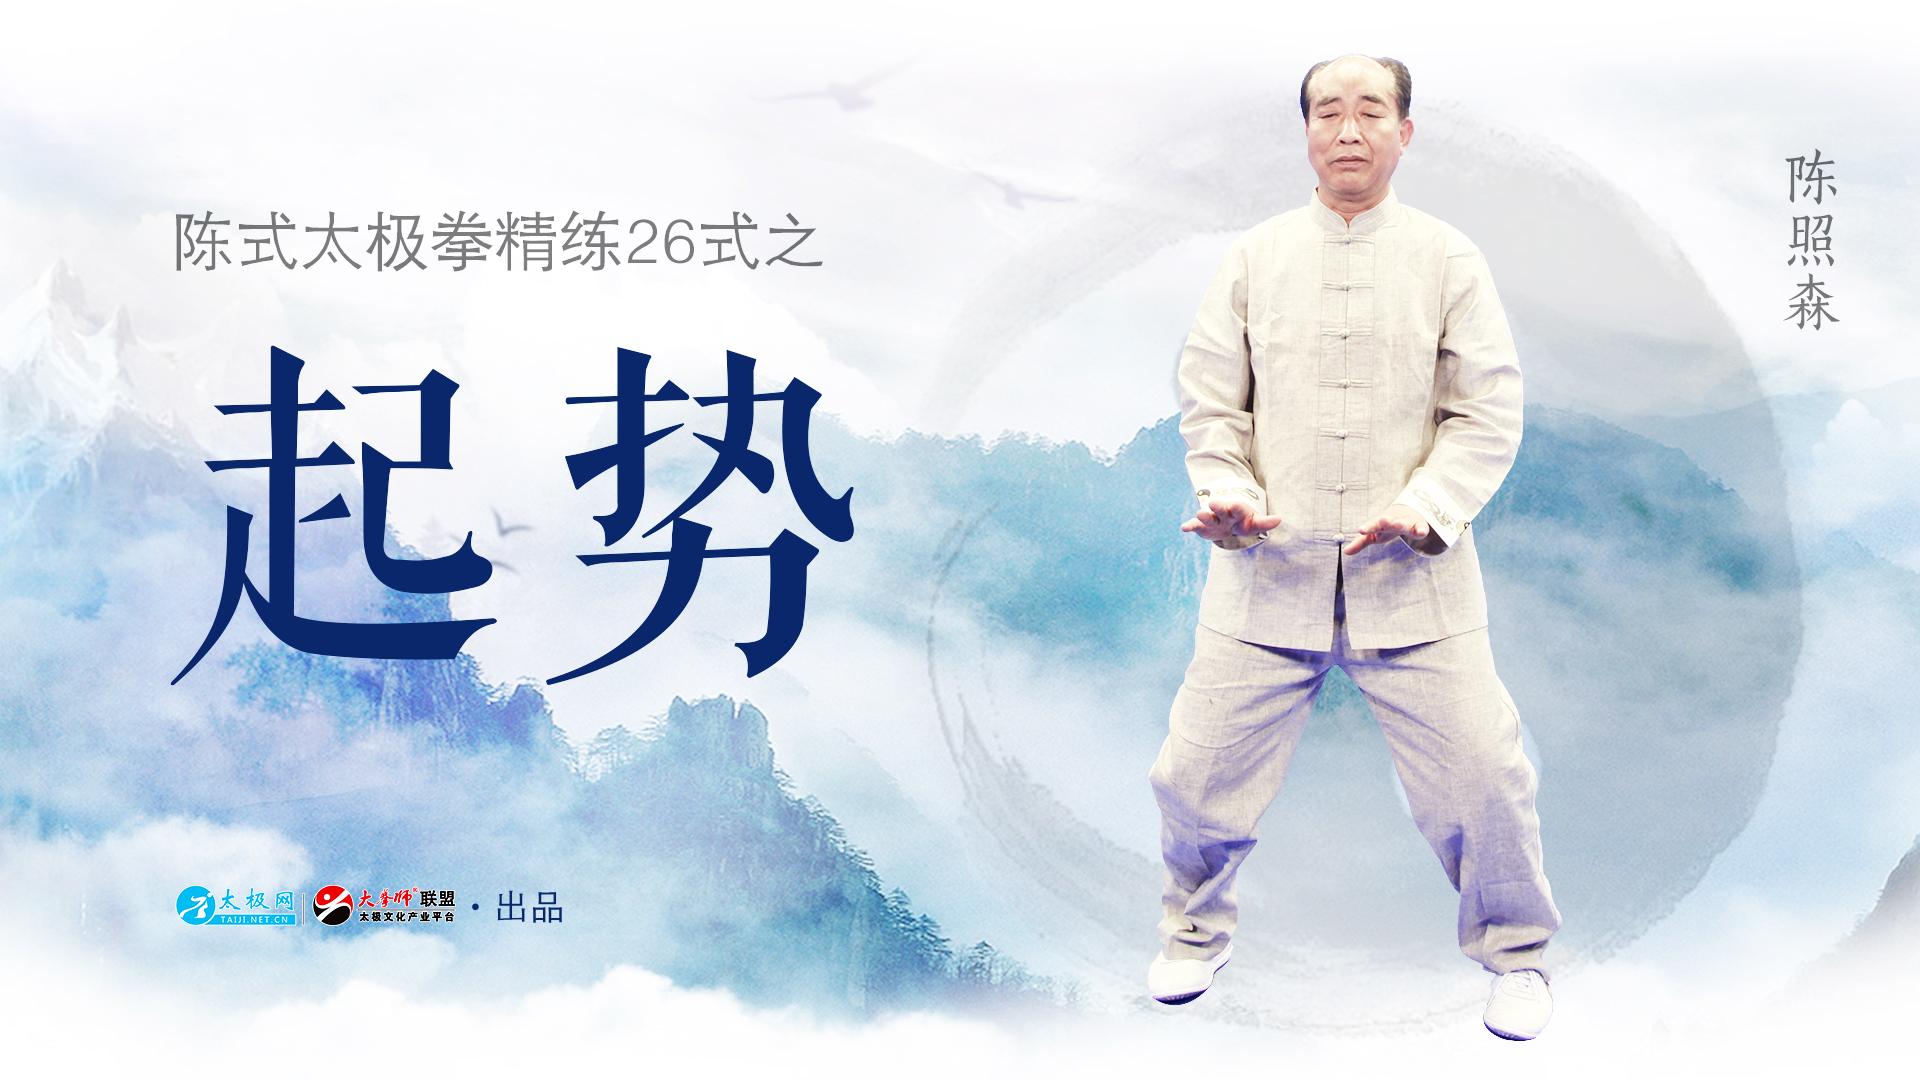 陈照森陈式太极拳精练26式 - 起势(一)